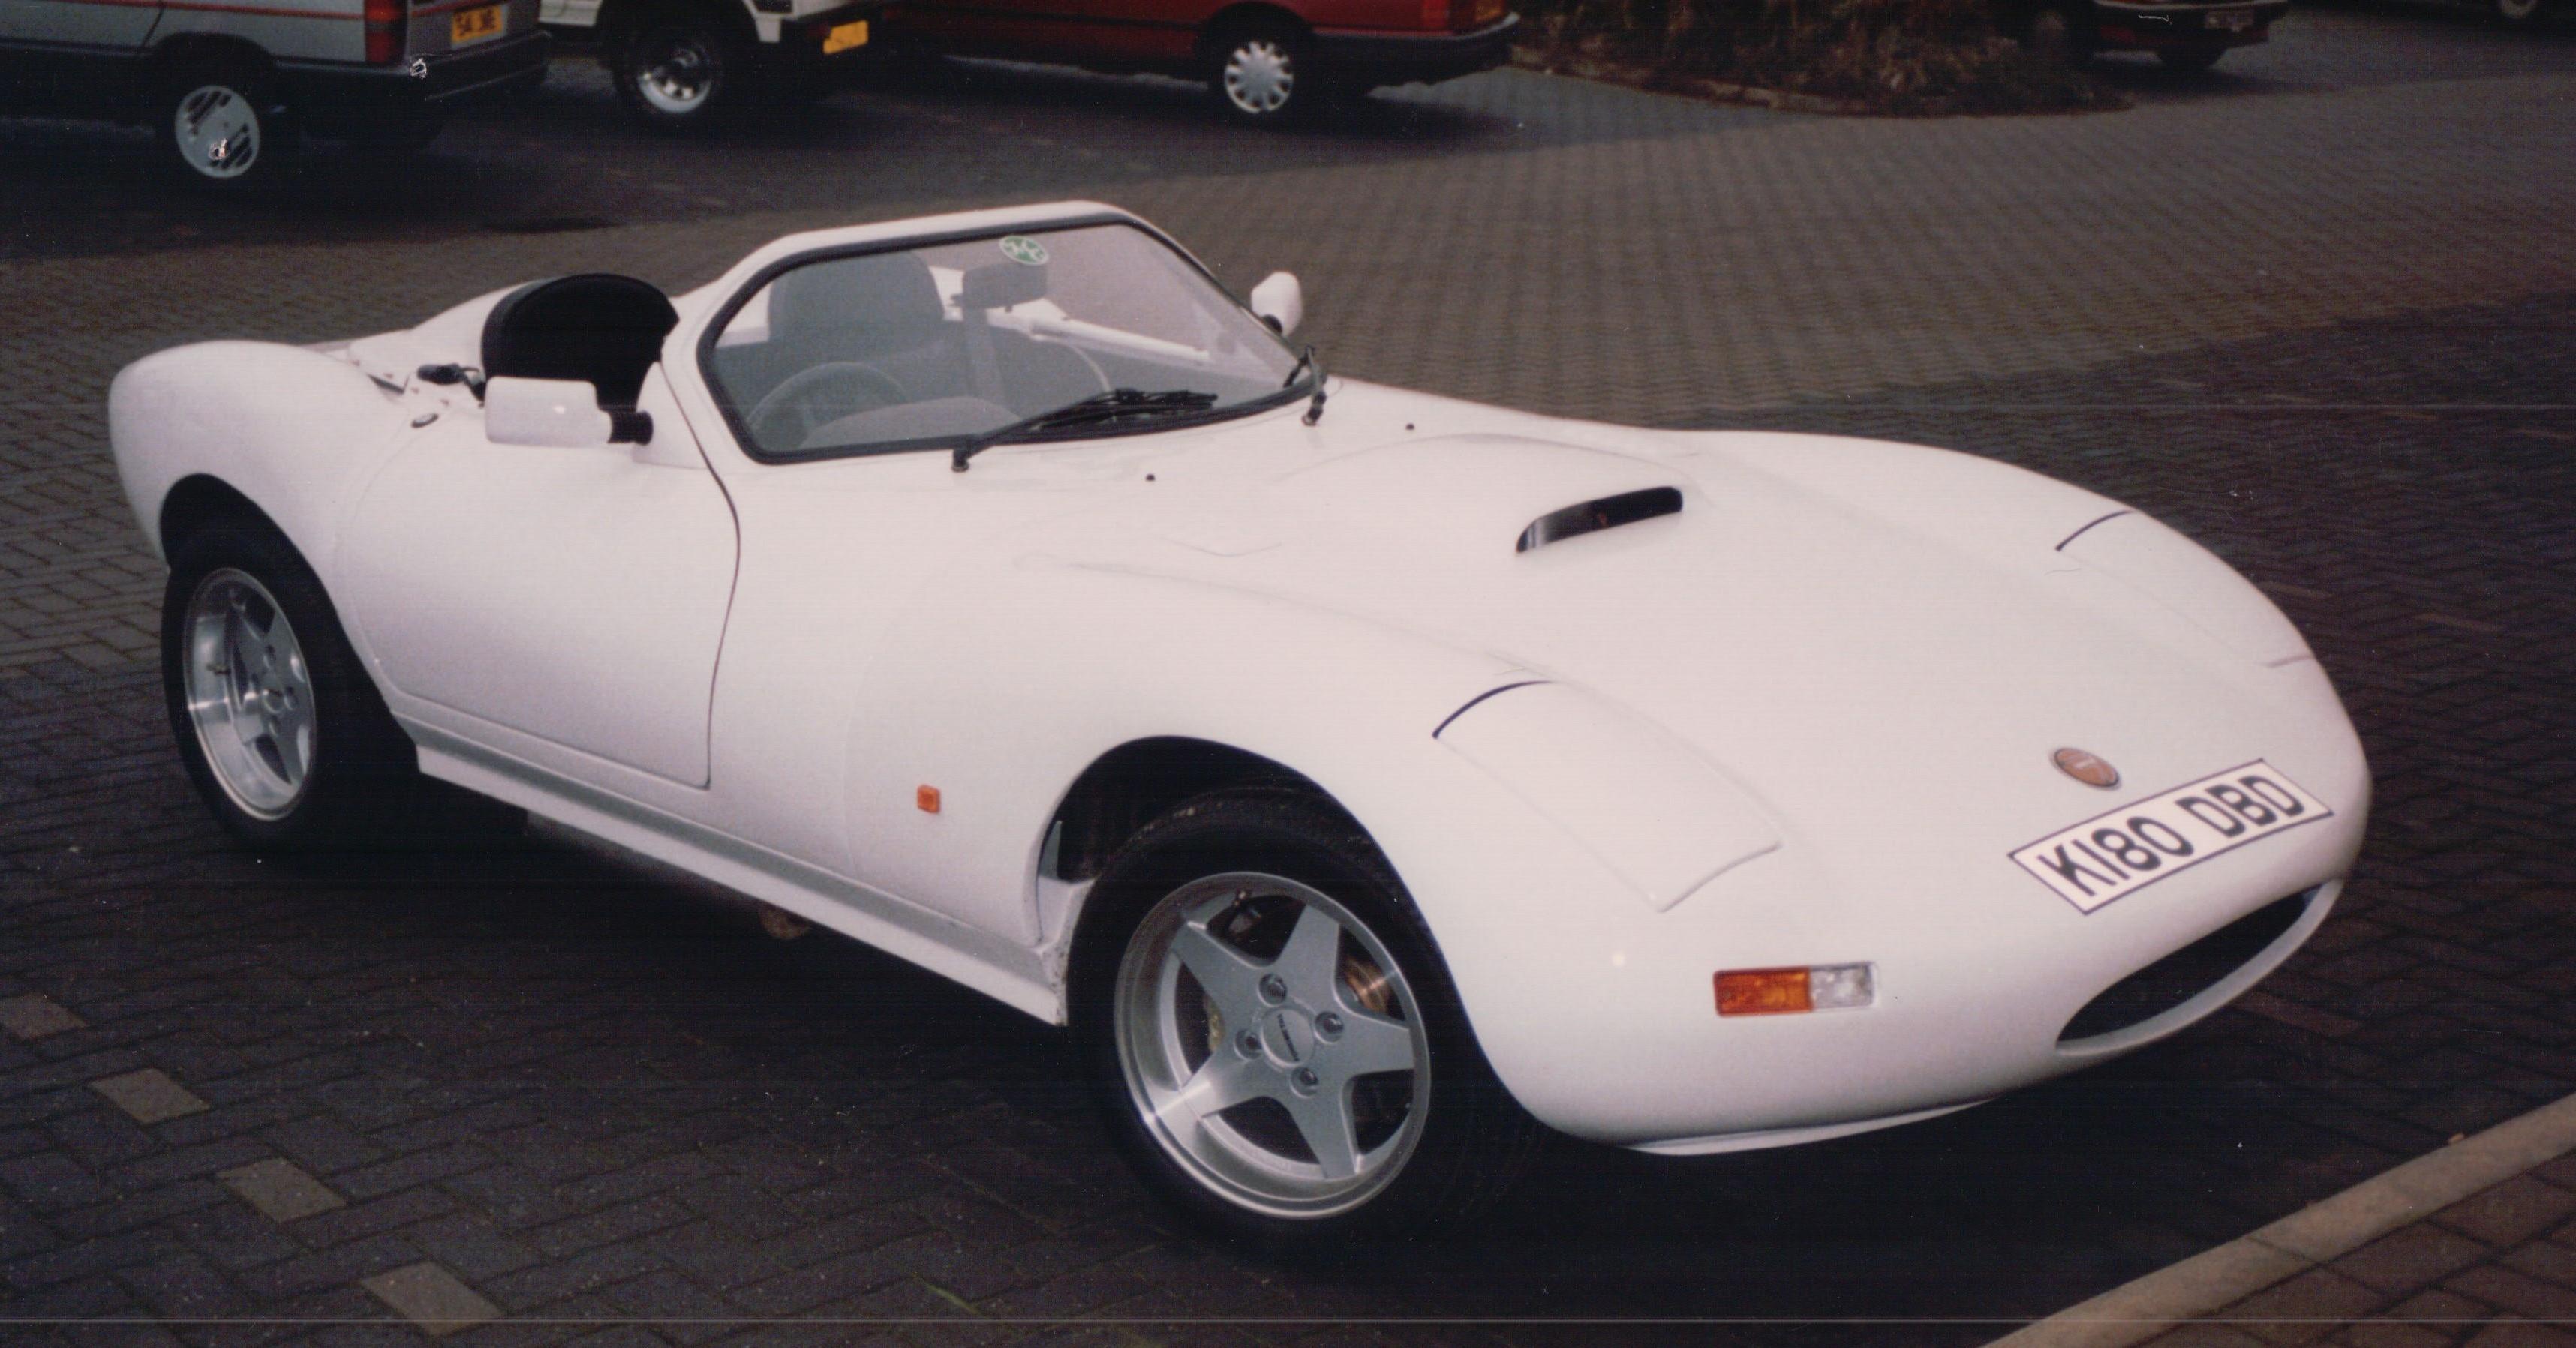 1993 Ginetta G33 V8, Corby